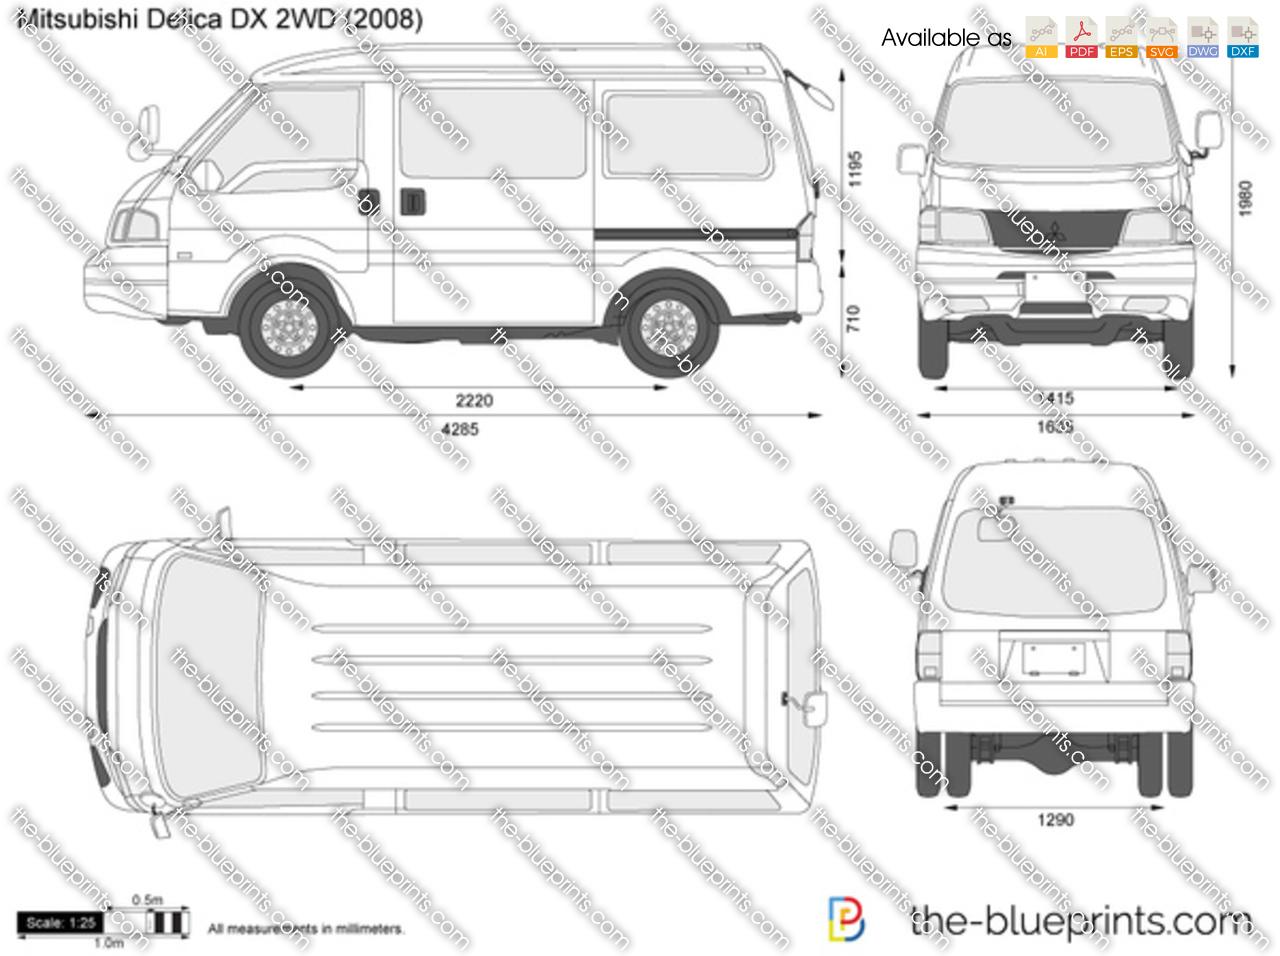 Mitsubishi Delica DX 2WD 2002